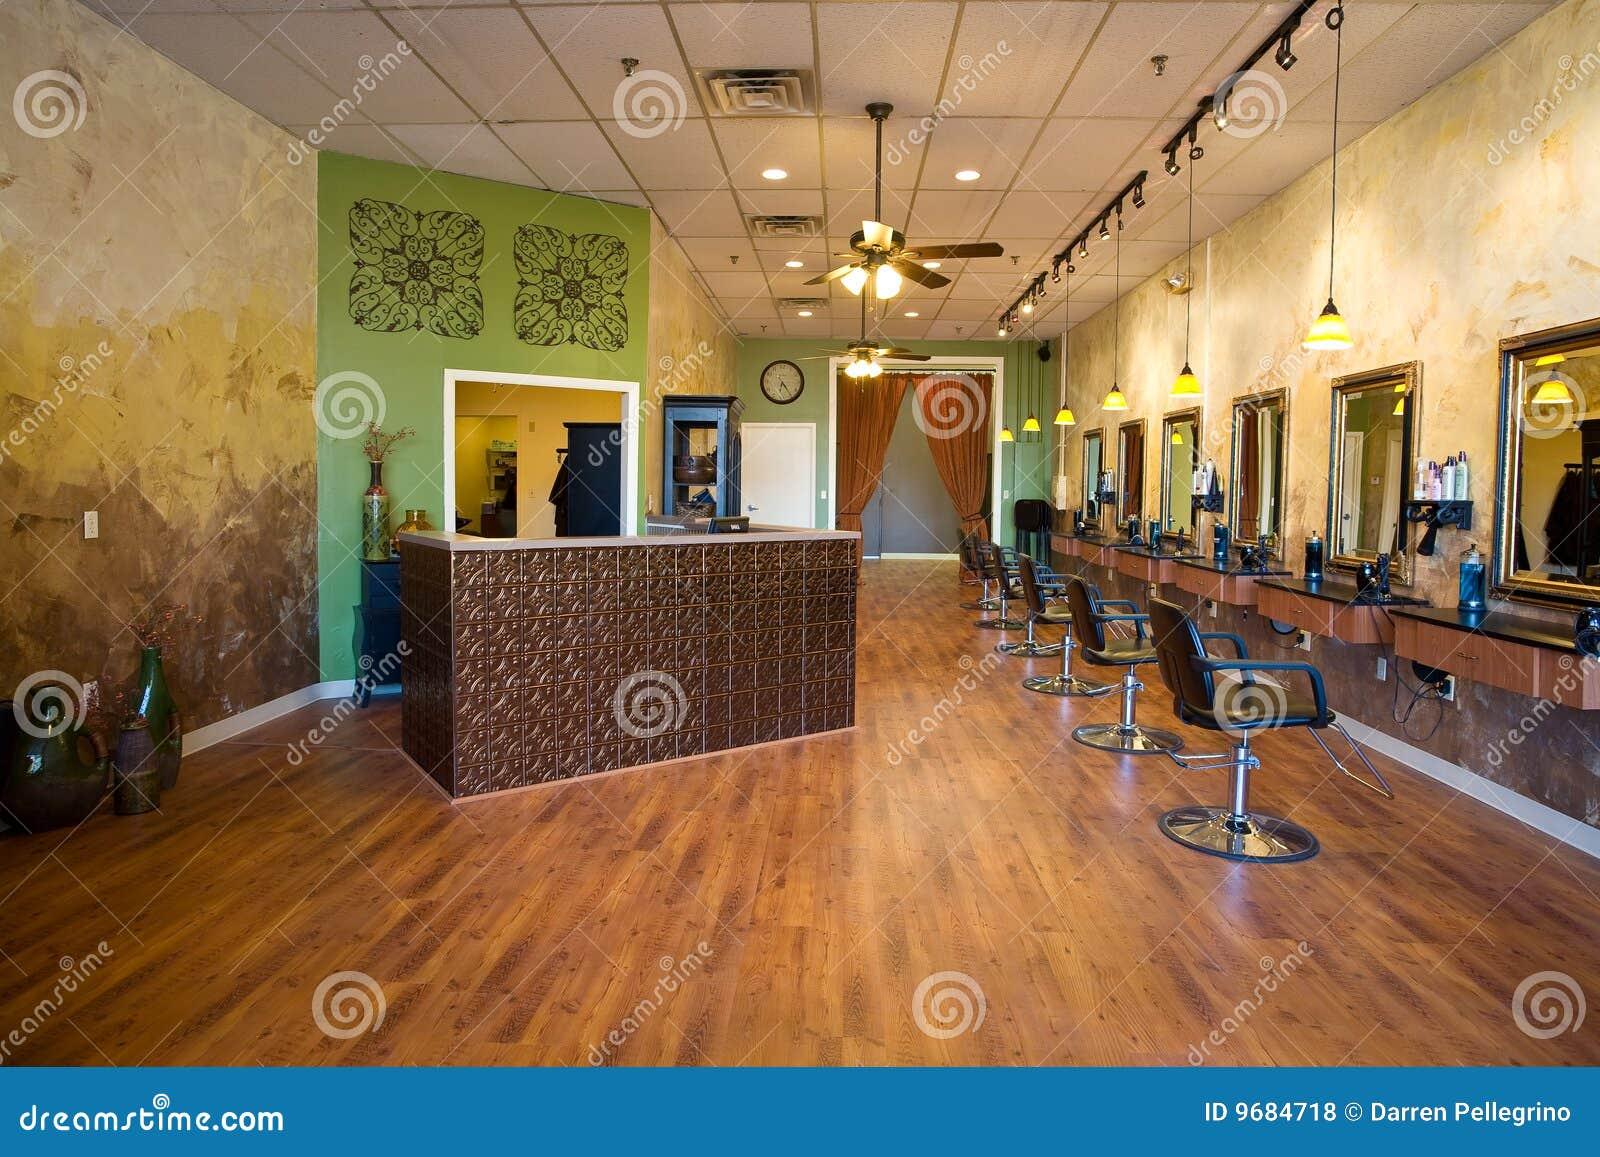 Interior del sal n de belleza foto de archivo imagen for Salones de peluqueria decoracion fotos